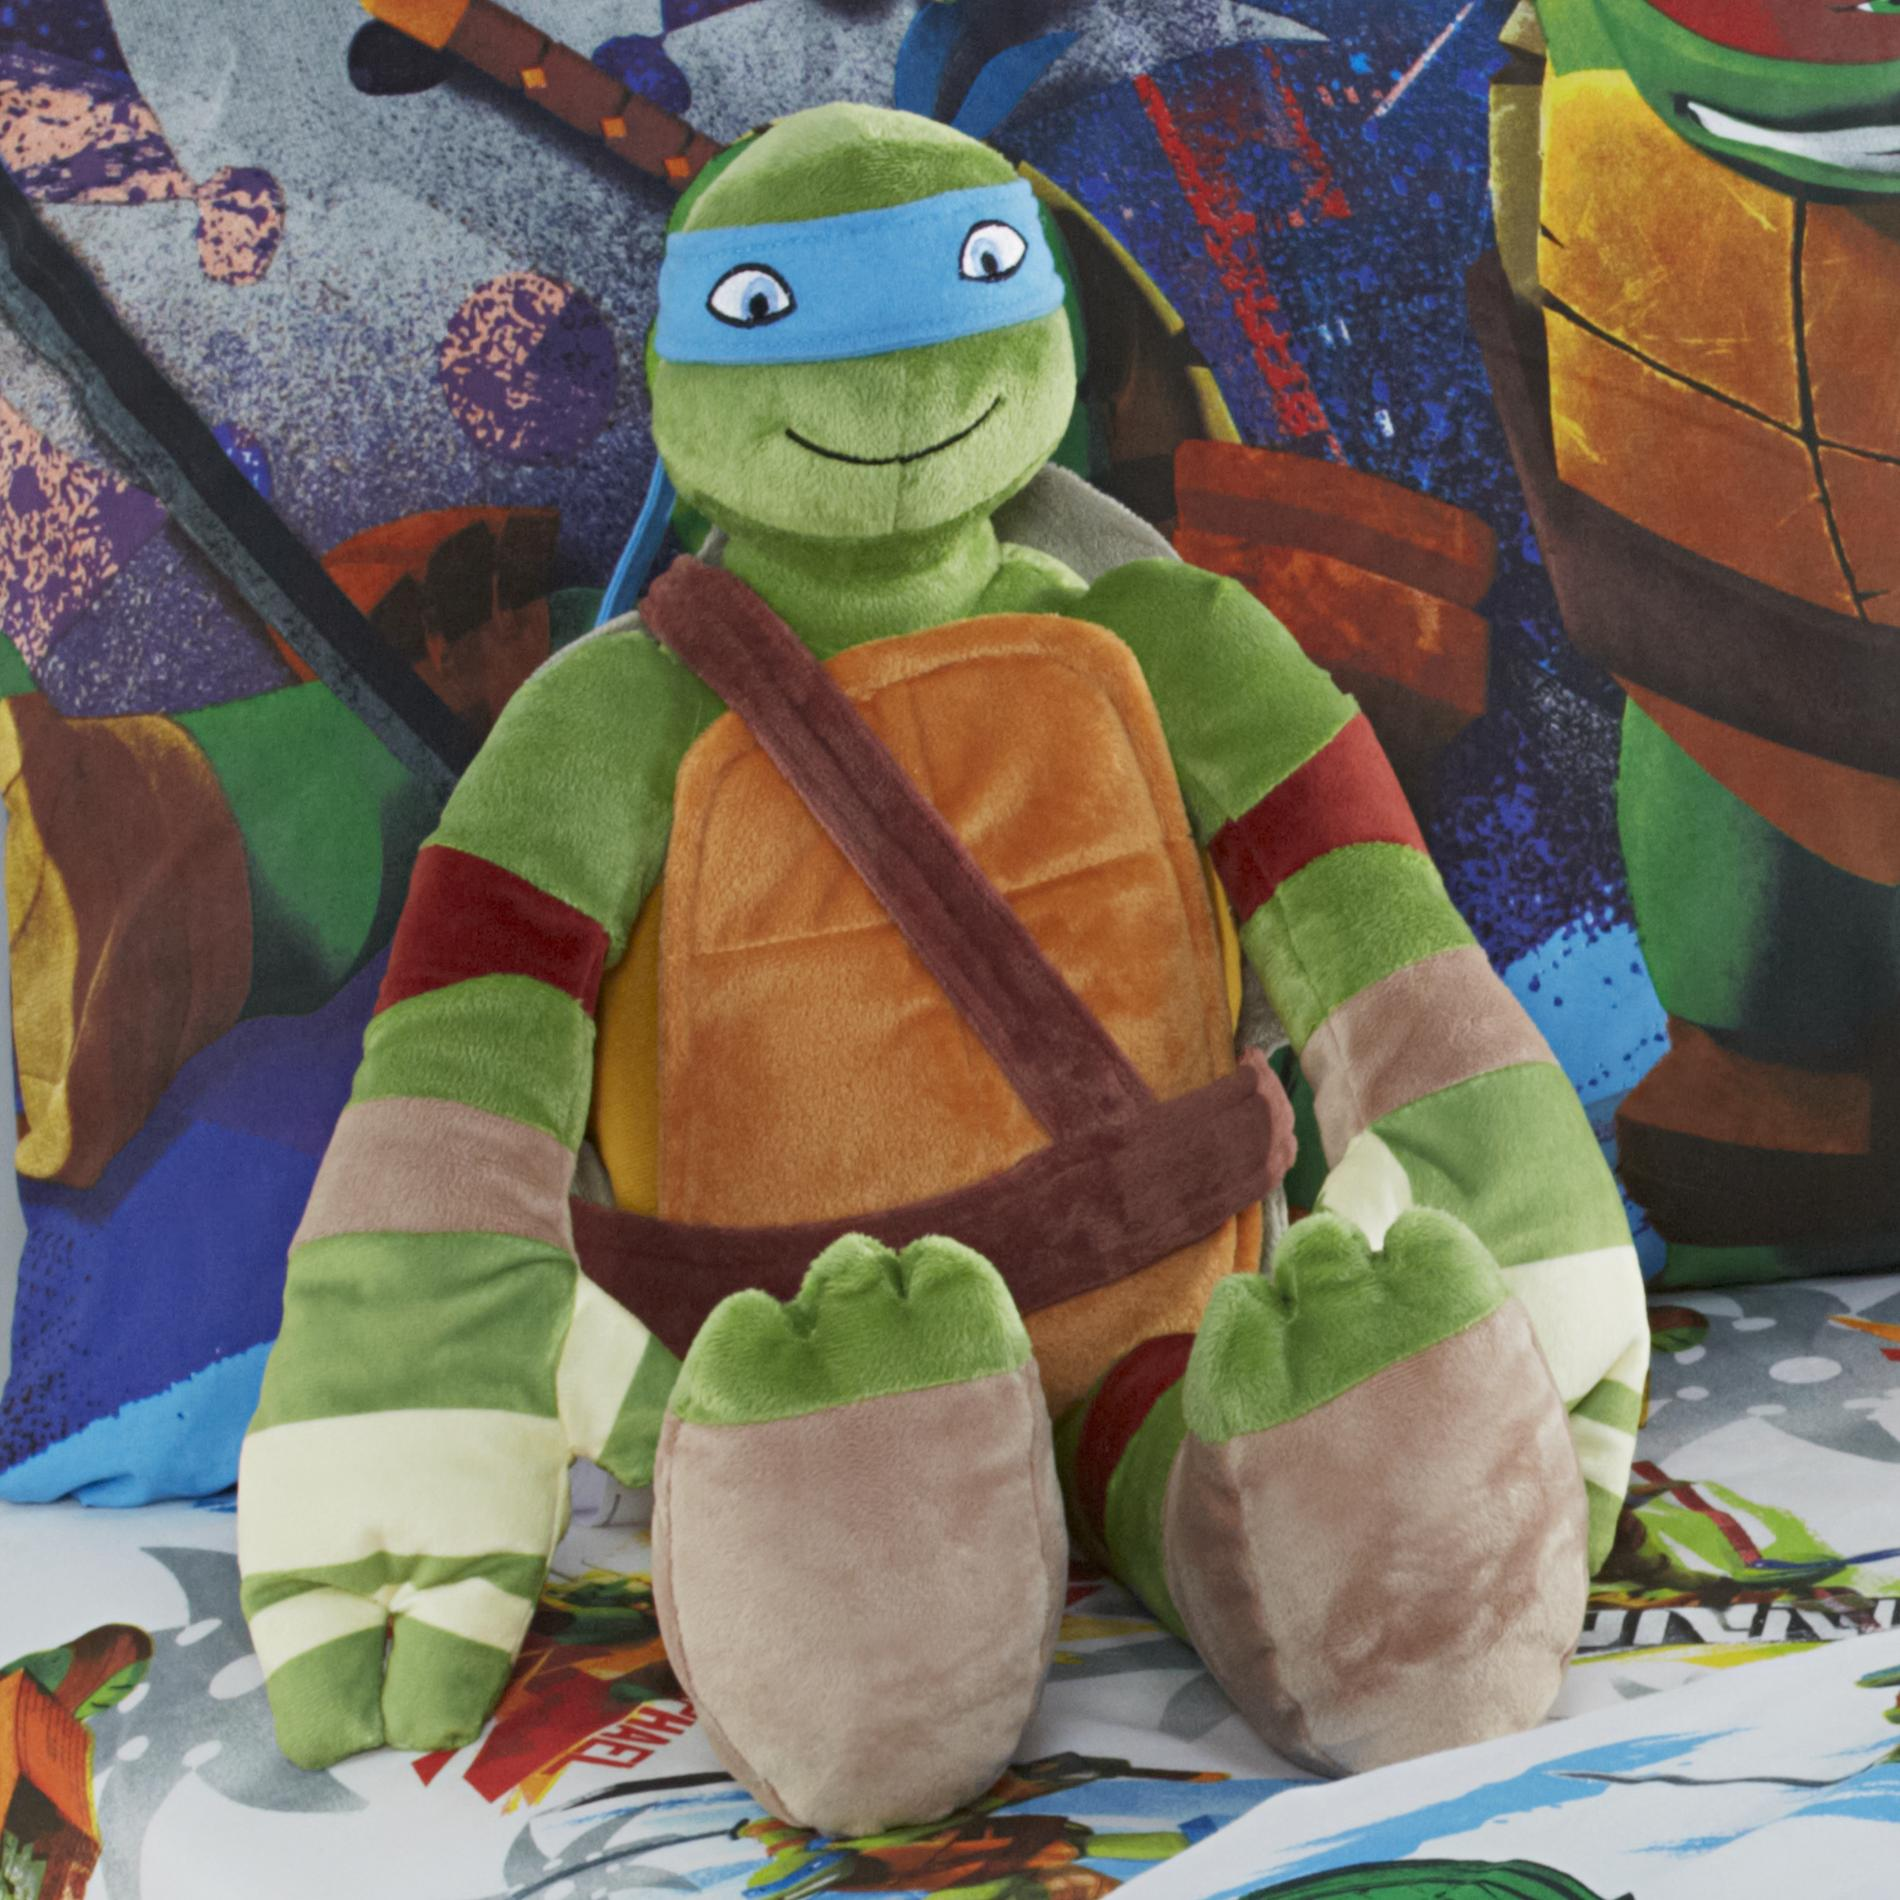 Nickelodeon Teenage Mutant Ninja Turtles Leonardo Plush